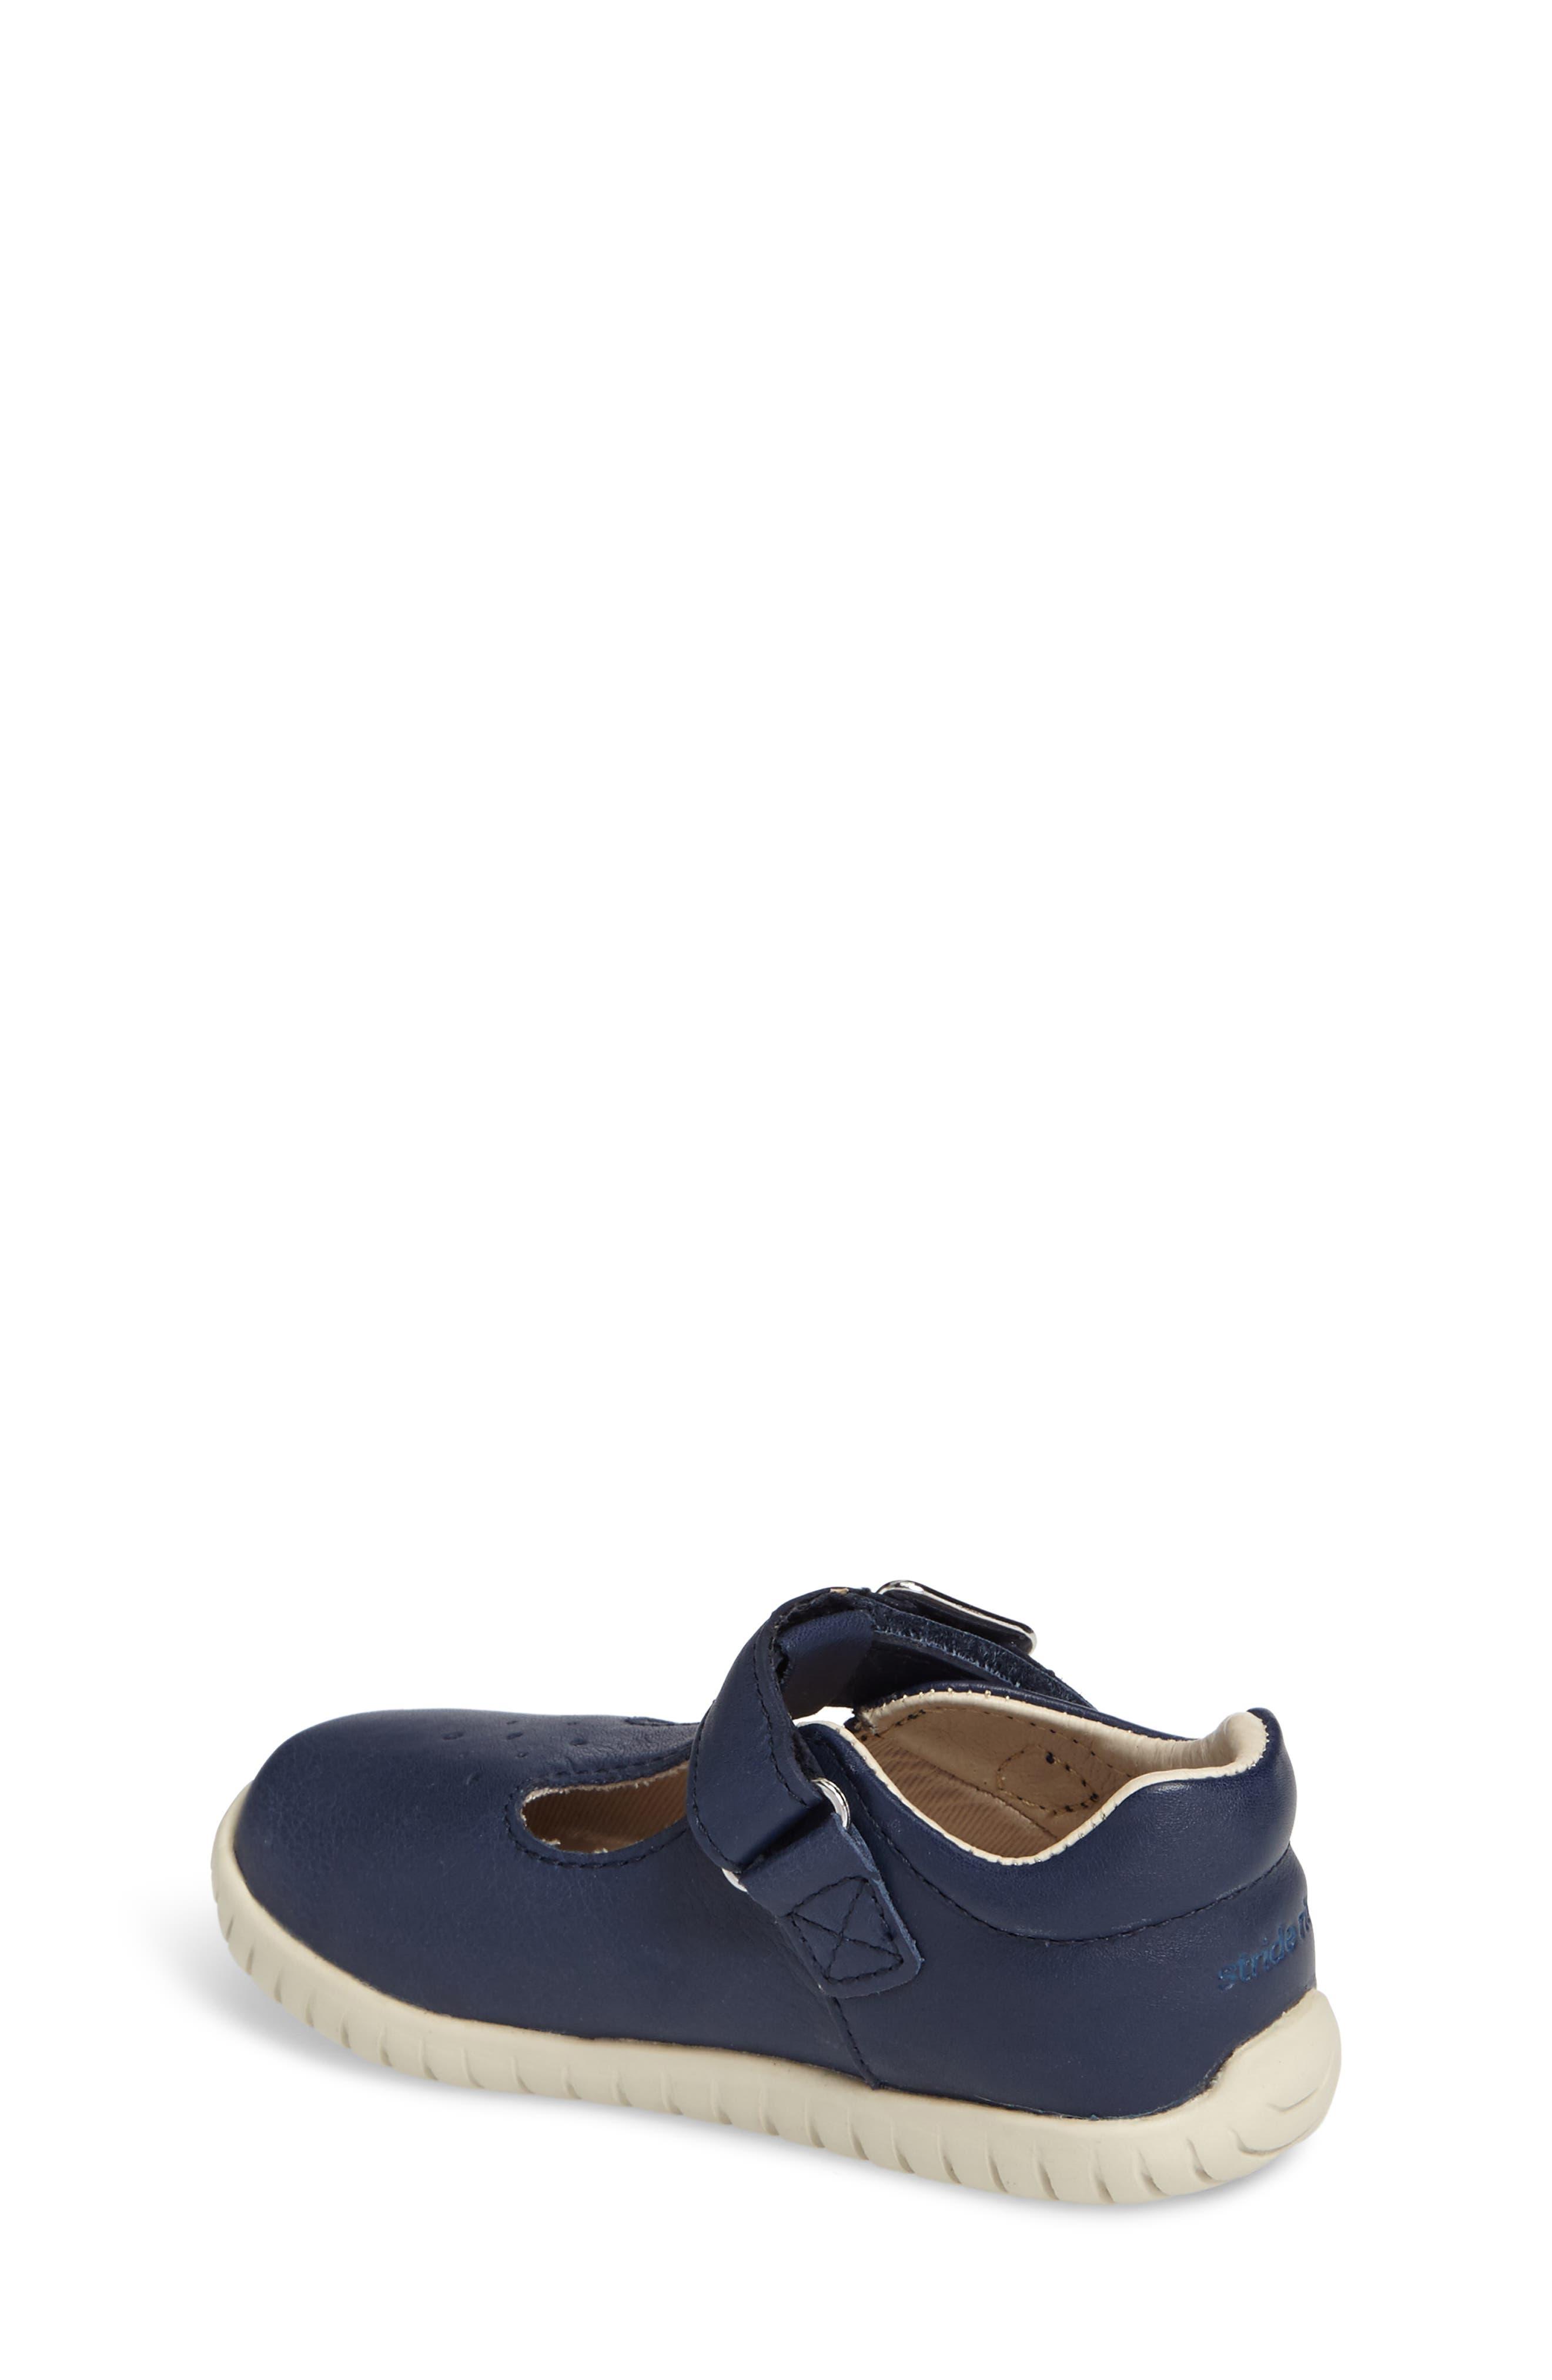 Lindsay Mary Jane Sneaker,                             Alternate thumbnail 4, color,